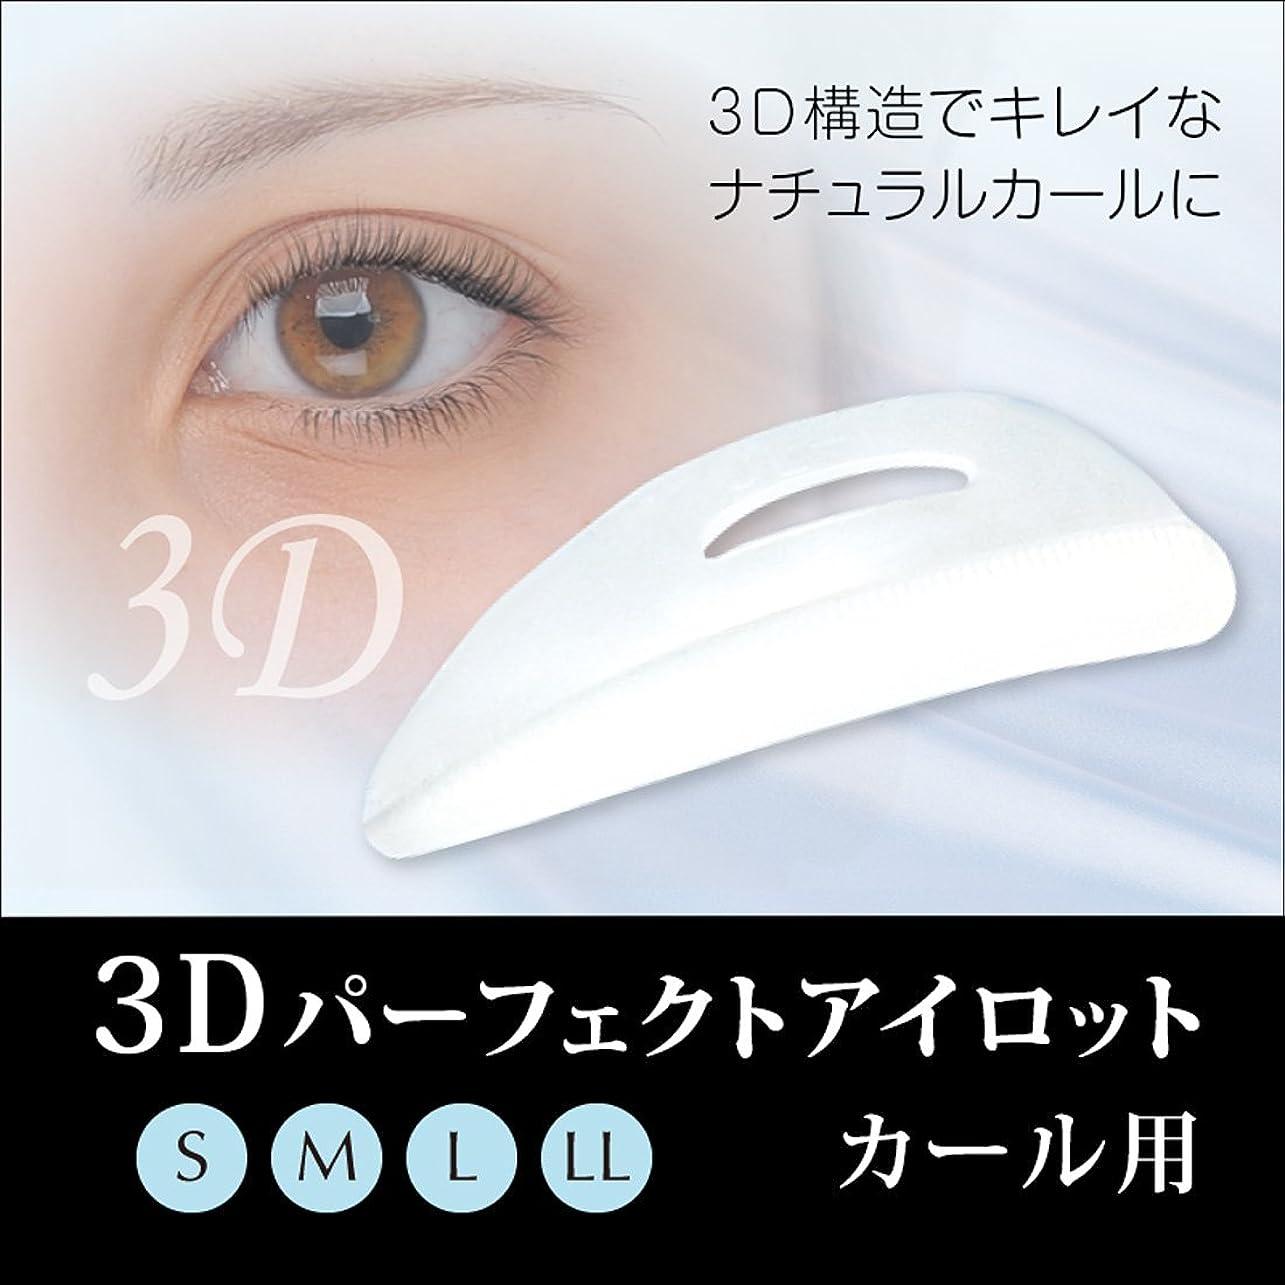 アサー統合フィット3Dパーフェクトアイロット カール用 (M)